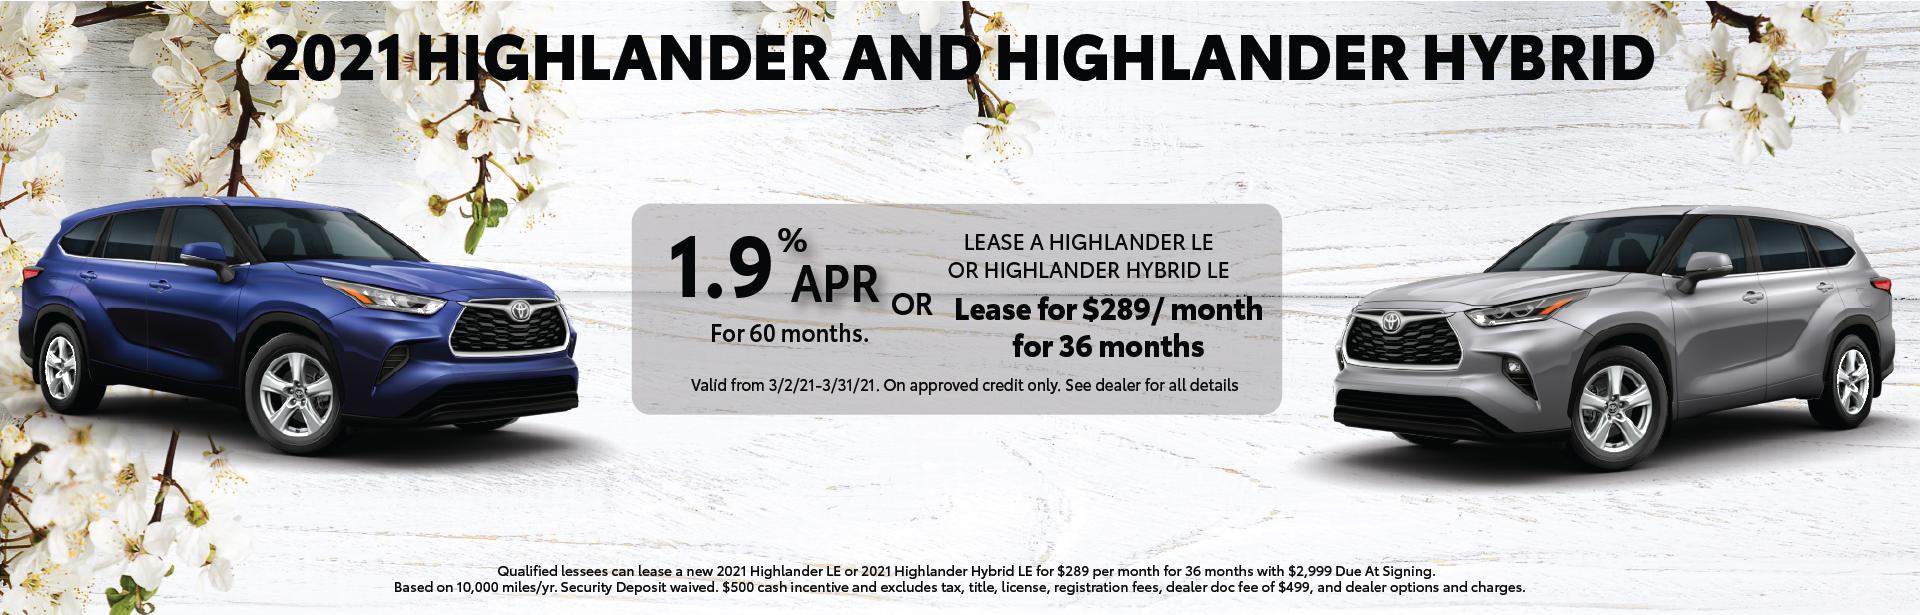 Mar. 2021 – Highlander – Lynch Homepage